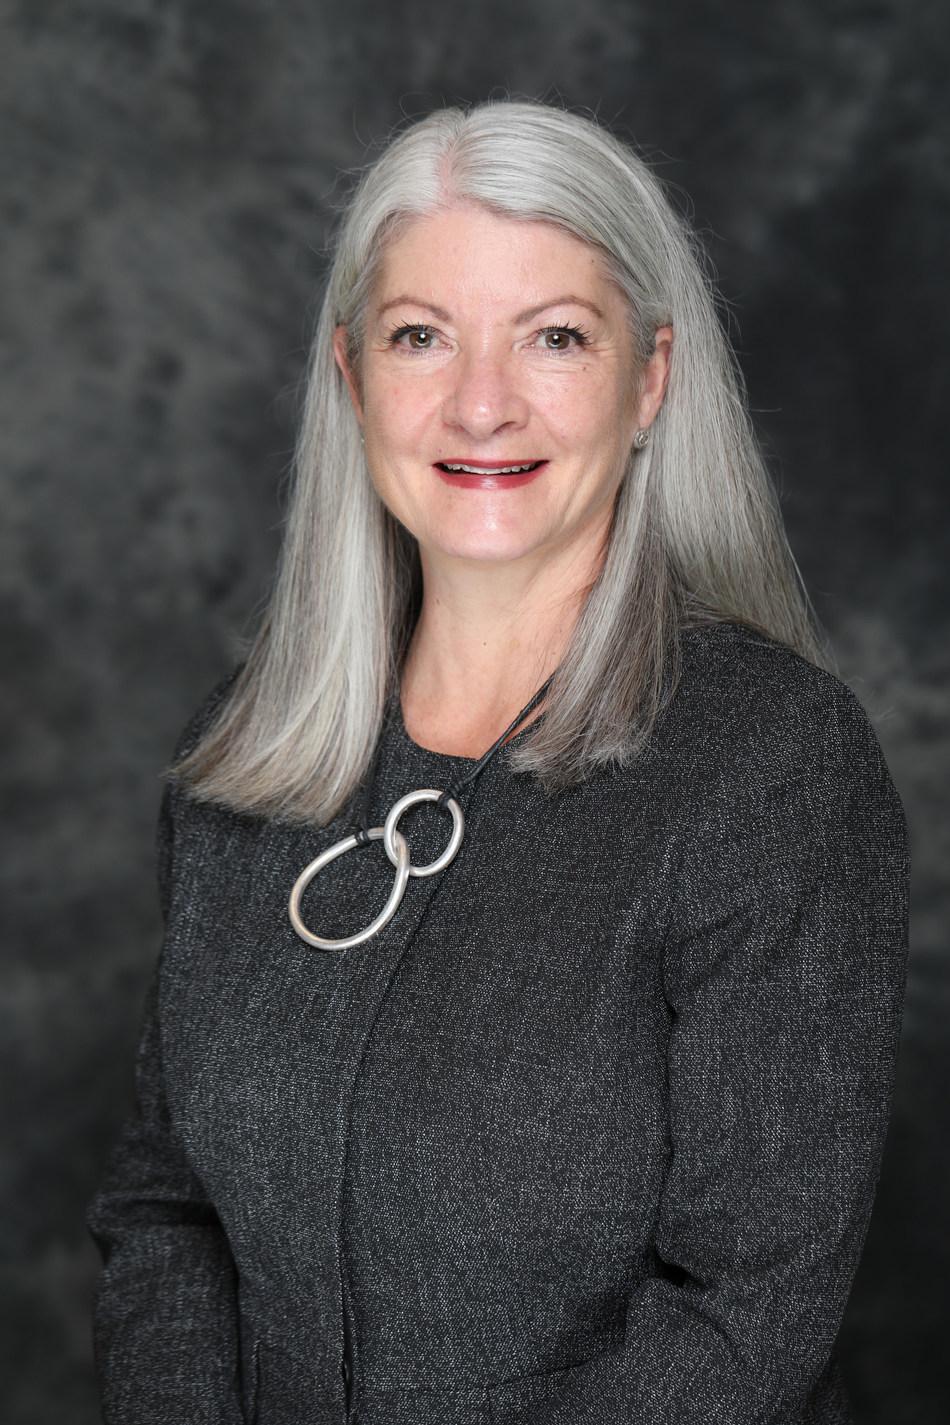 Women's Care Florida's new IMO, Katy Eldridge